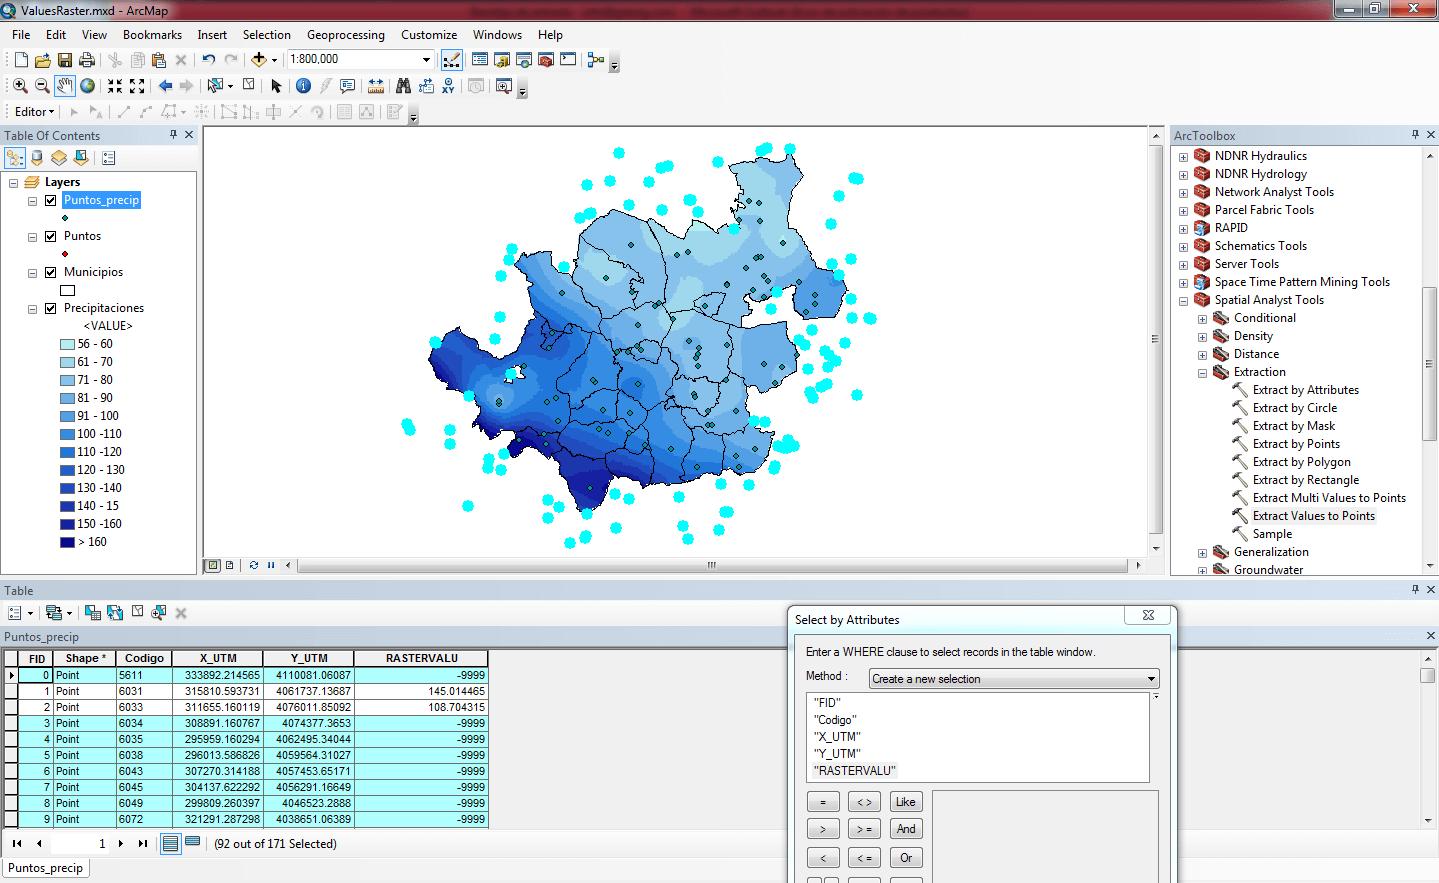 Extraer valores de un raster a una capa con ArcGIS